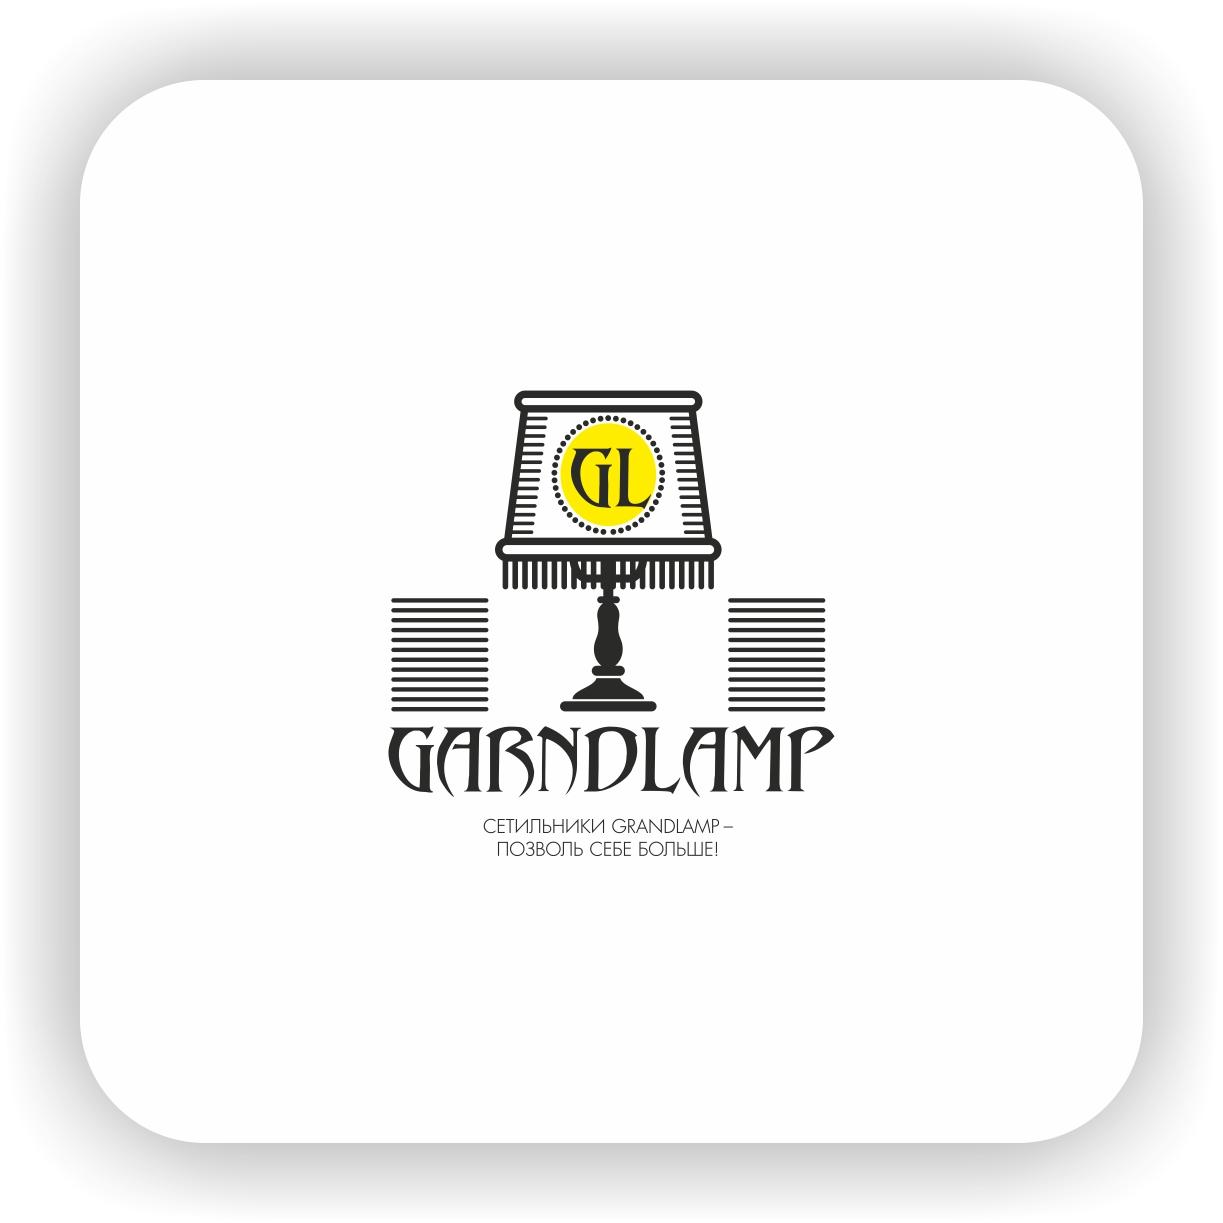 Разработка логотипа и элементов фирменного стиля фото f_39157e0cf389f707.jpg